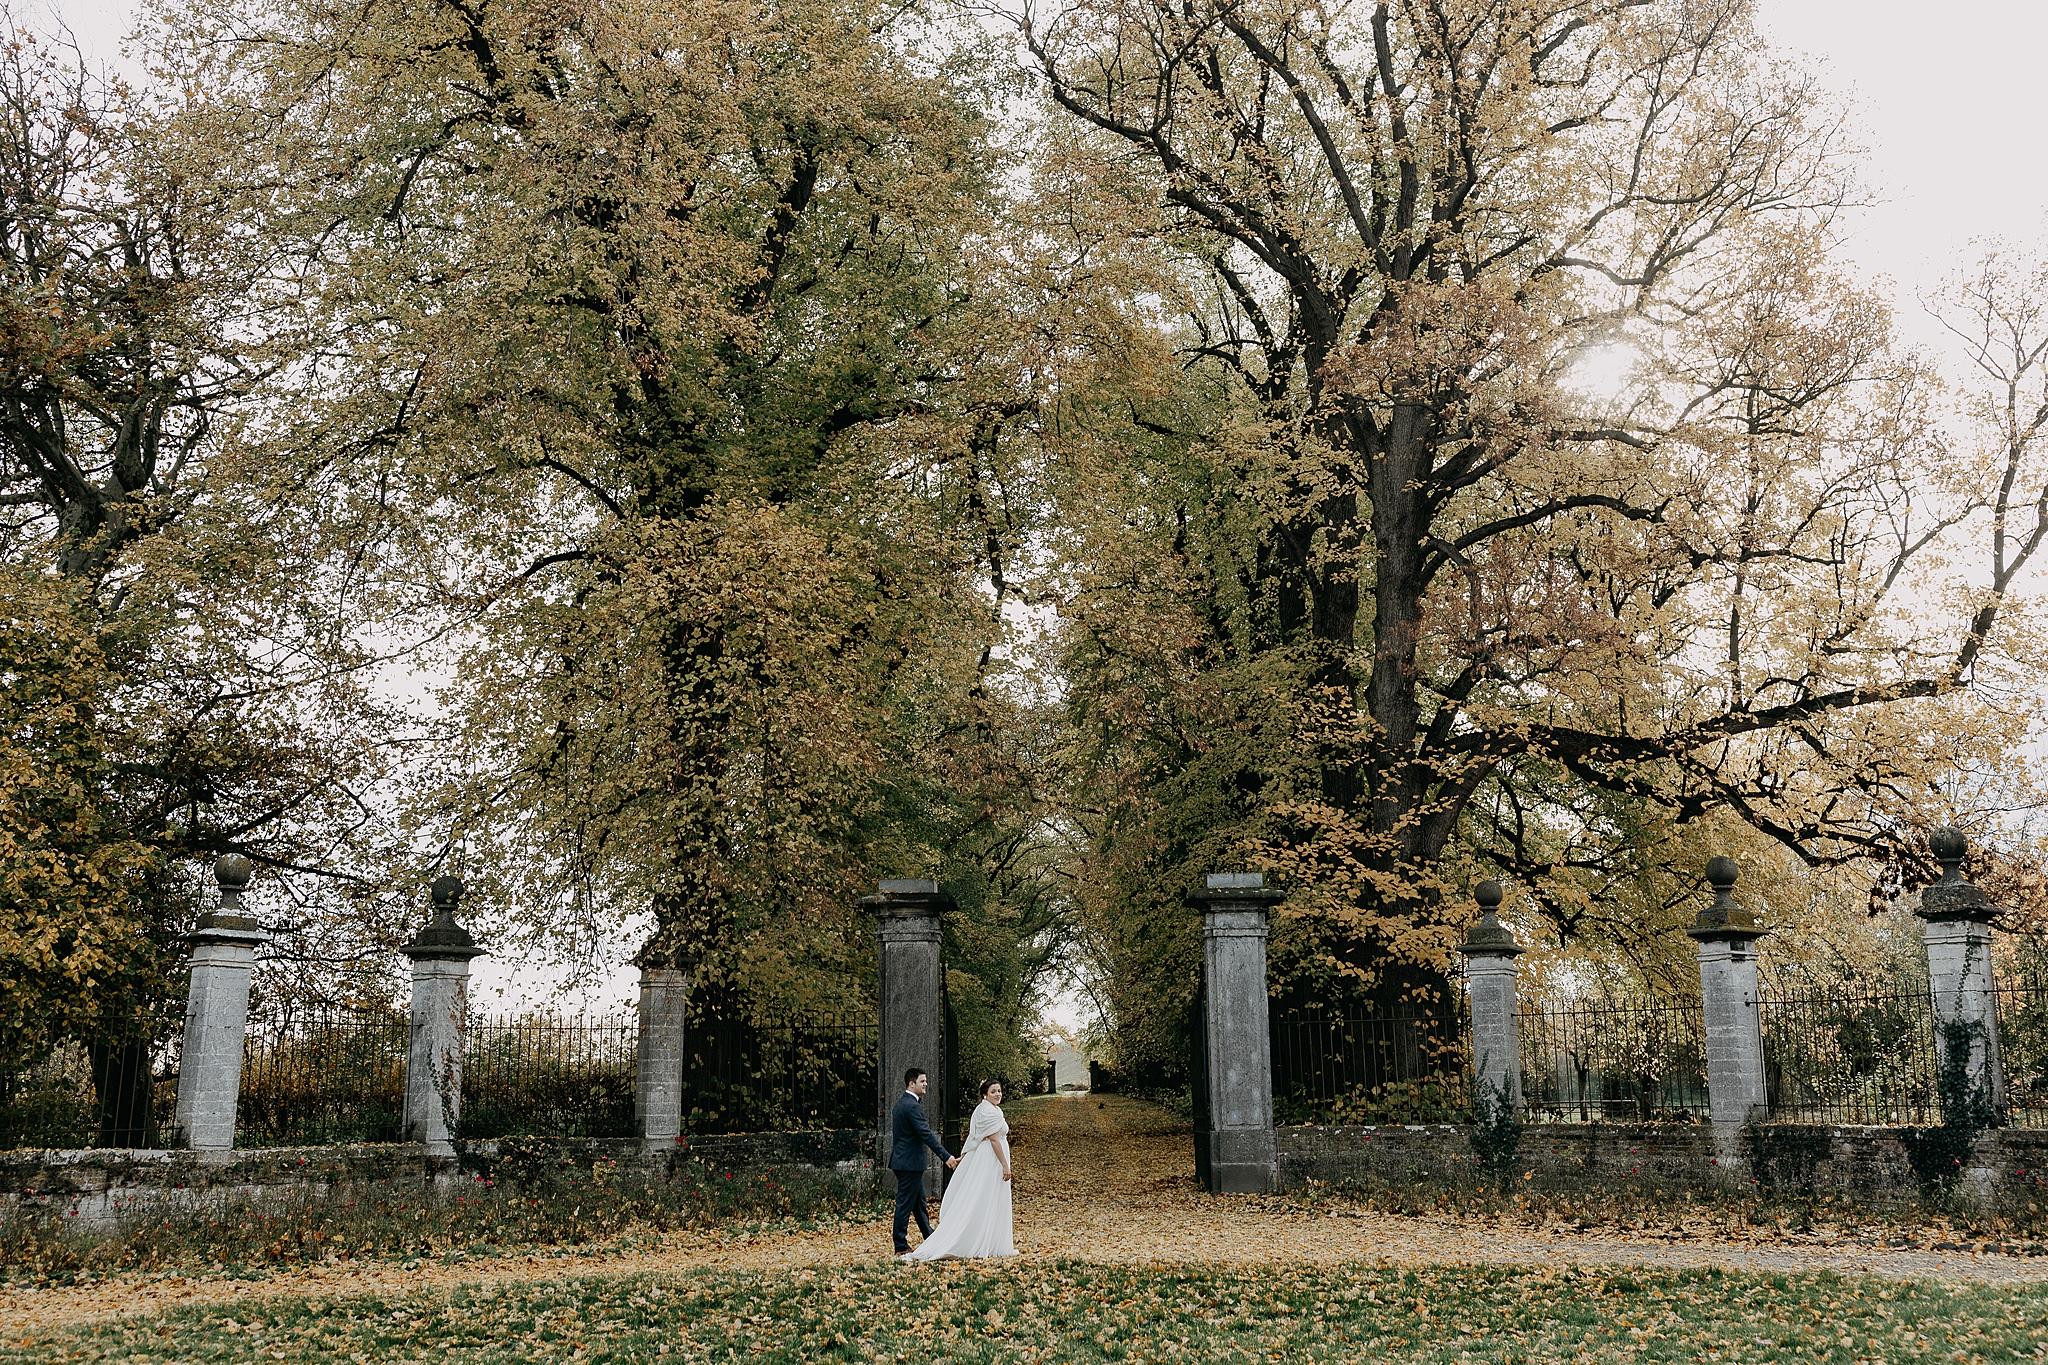 Kasteel van Oorbeek huwelijksreportage binnenplein bruidspaar